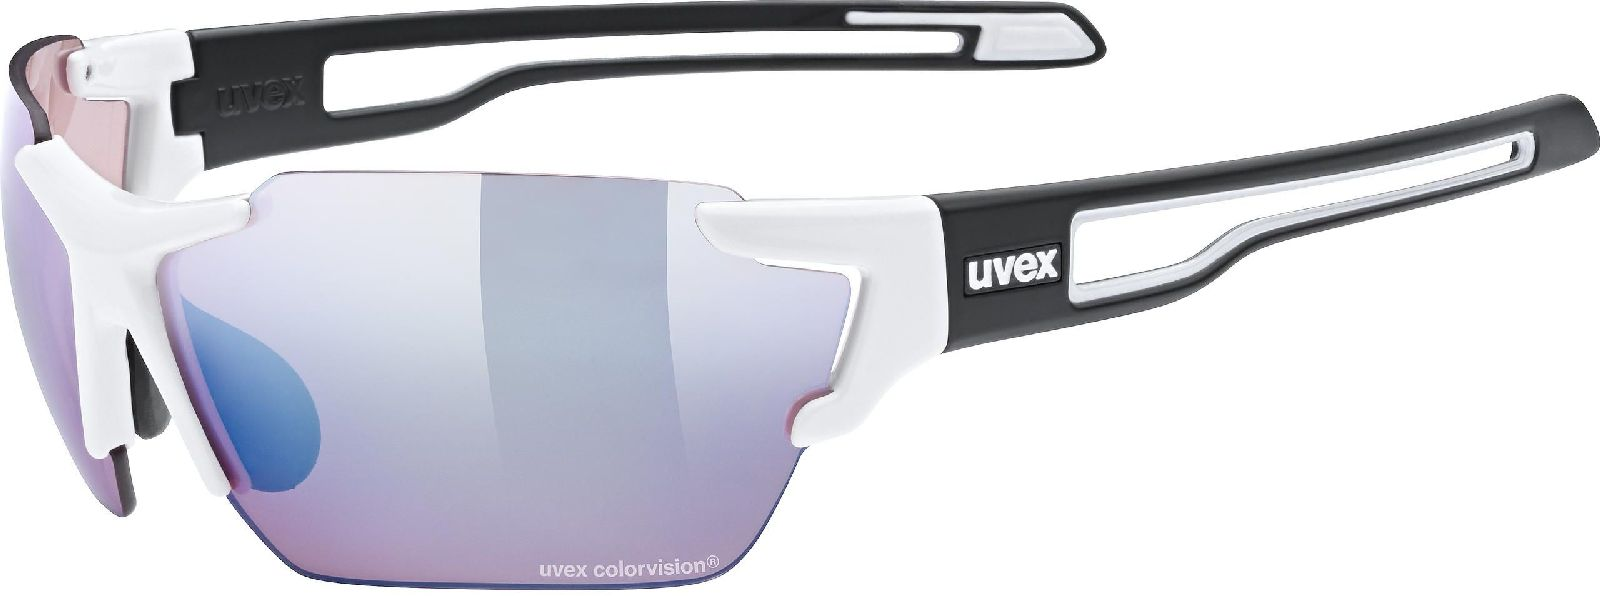 Uvex Sportstyle 803 CV - white/black mat uni